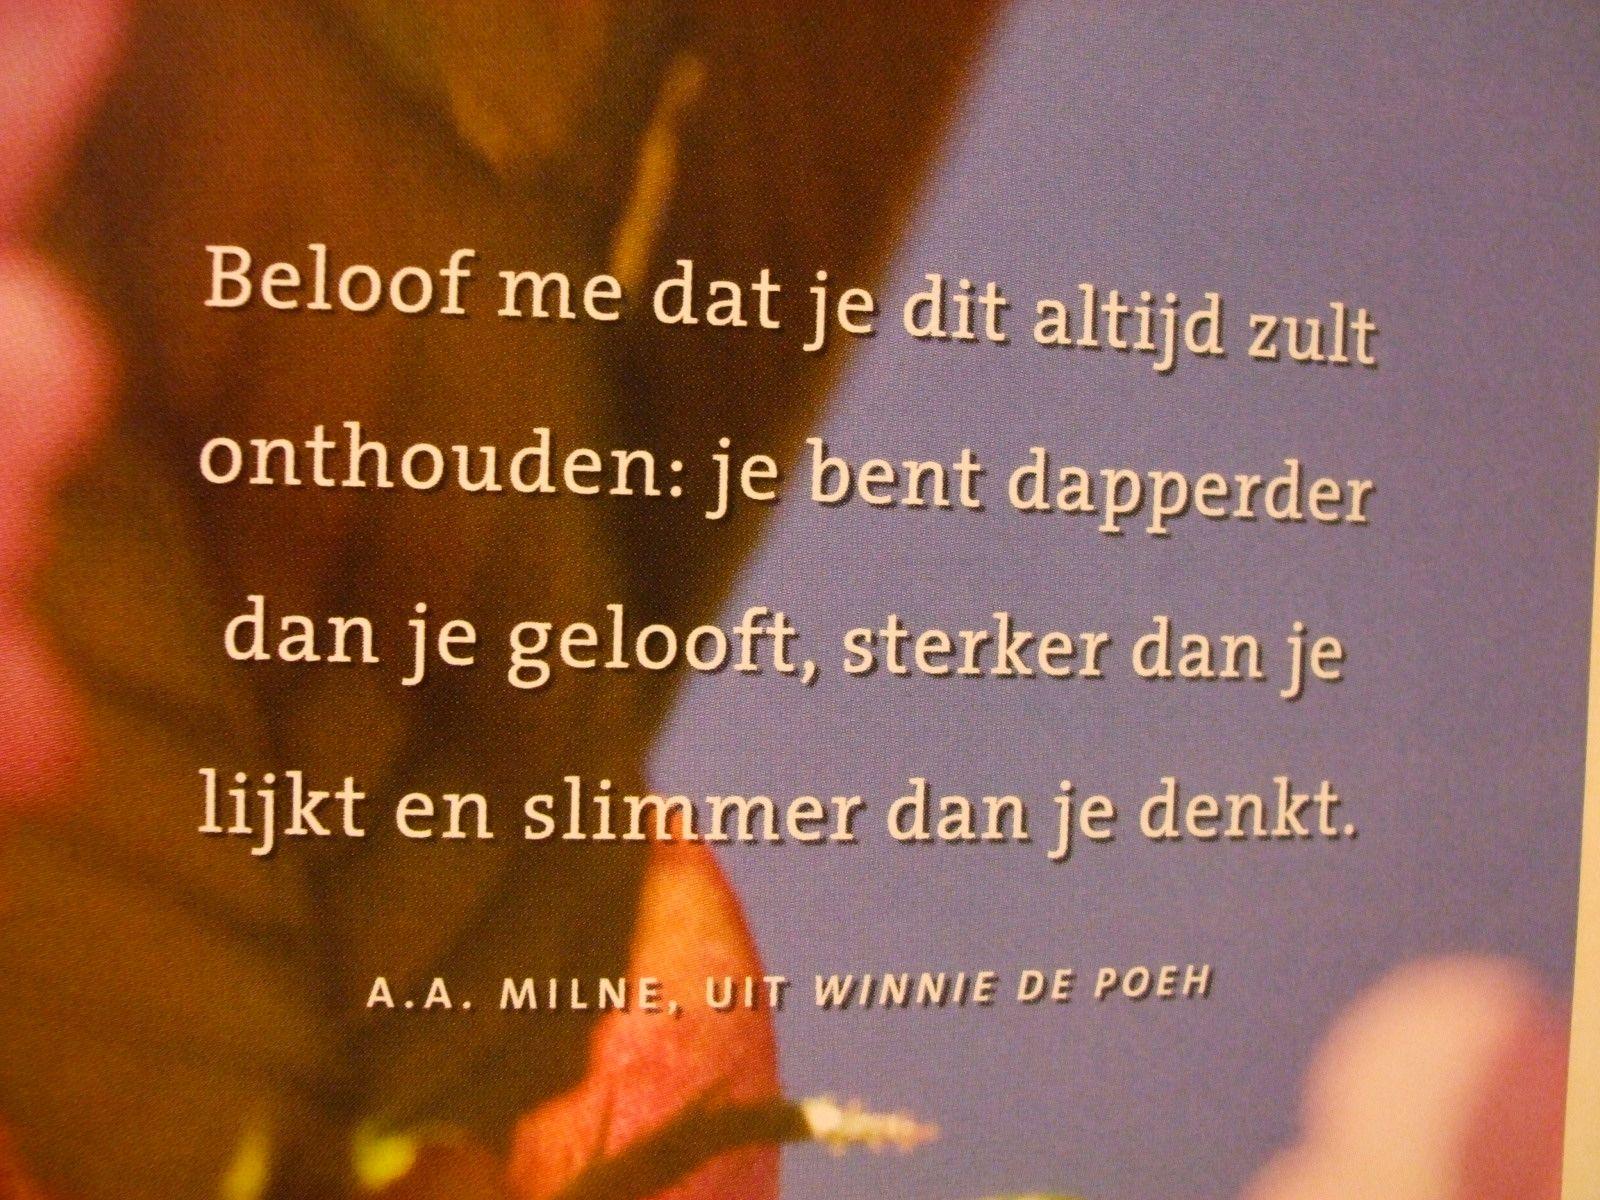 Citaten Geloven In Jezelf : Geloof in jezelf nederlandse teksten spreuken